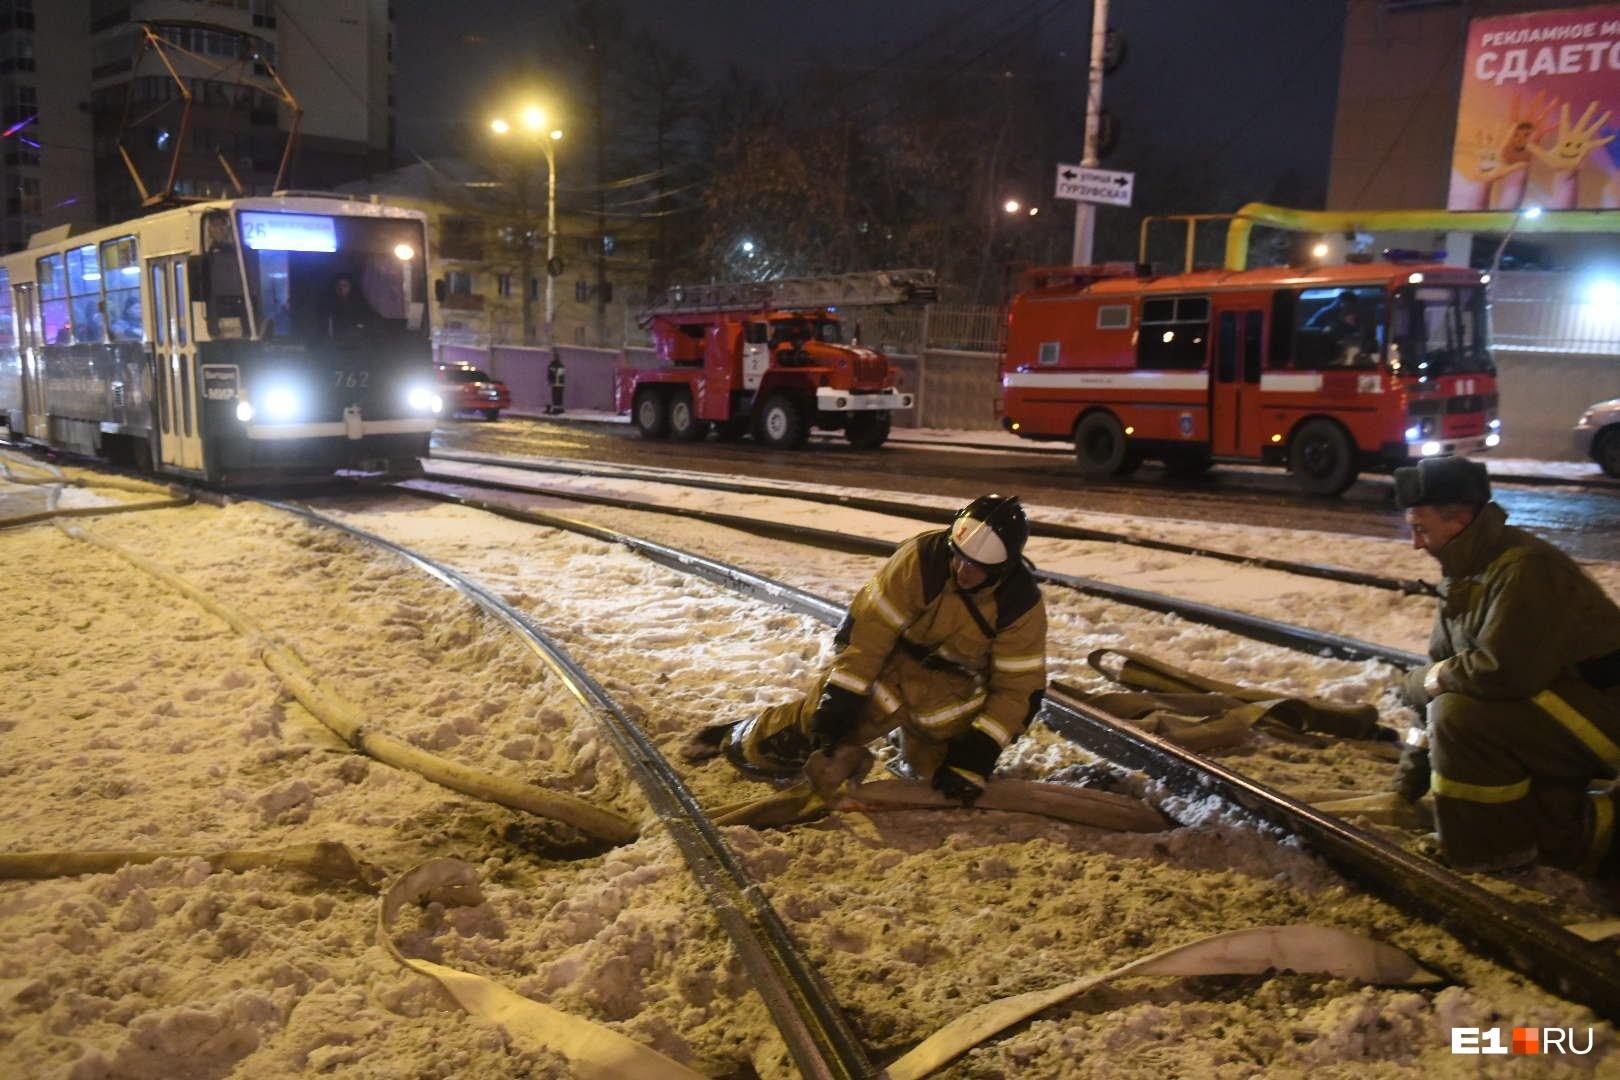 Пожарным пришлось протягивать рукав под трамвайными рельсами